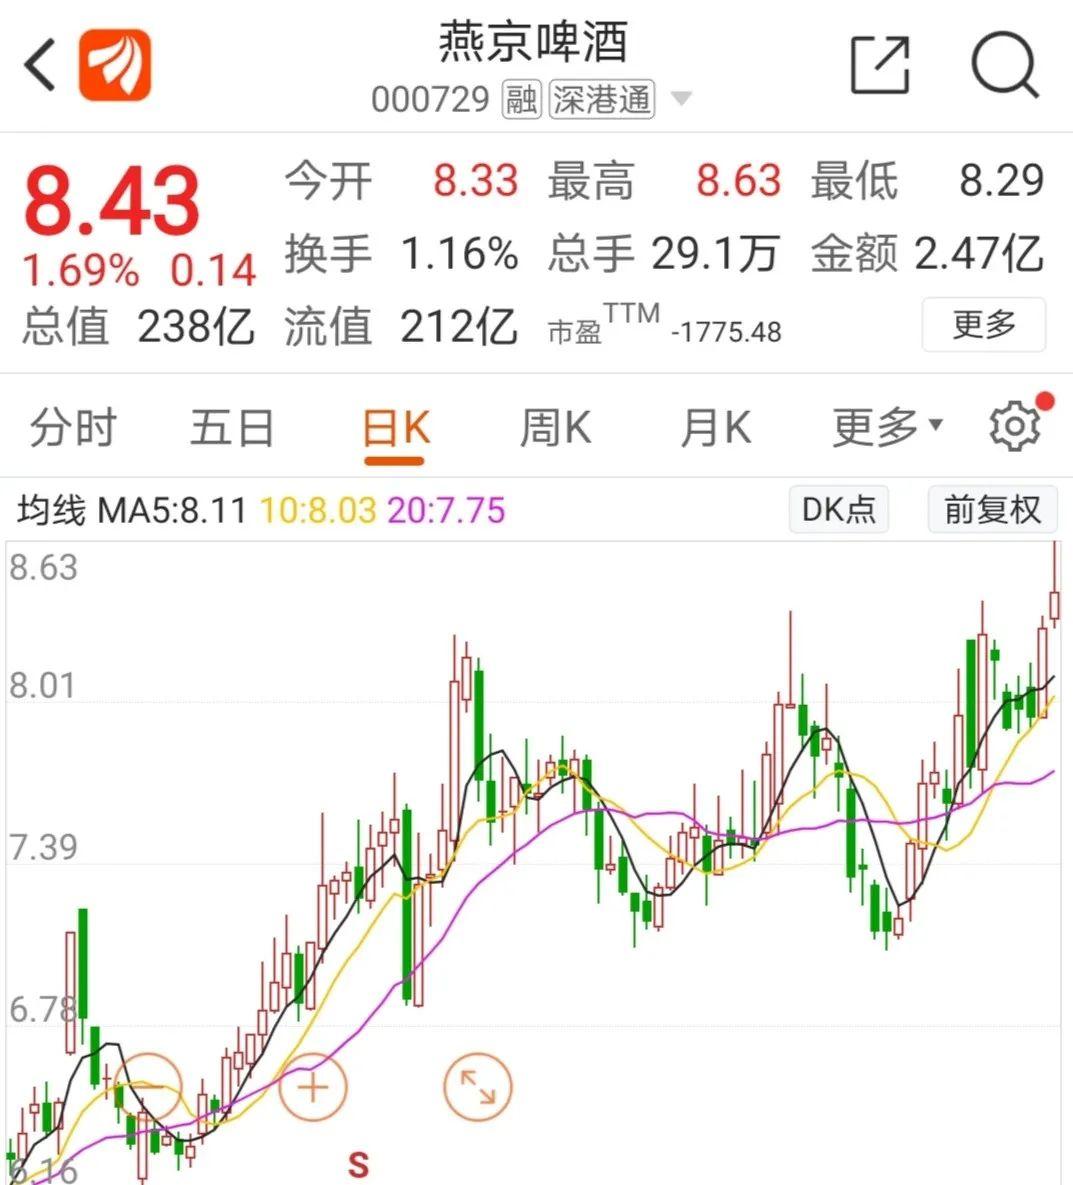 燕京啤酒董事长被立案调查,年内股价大涨30%,7.3万股民有点慌?